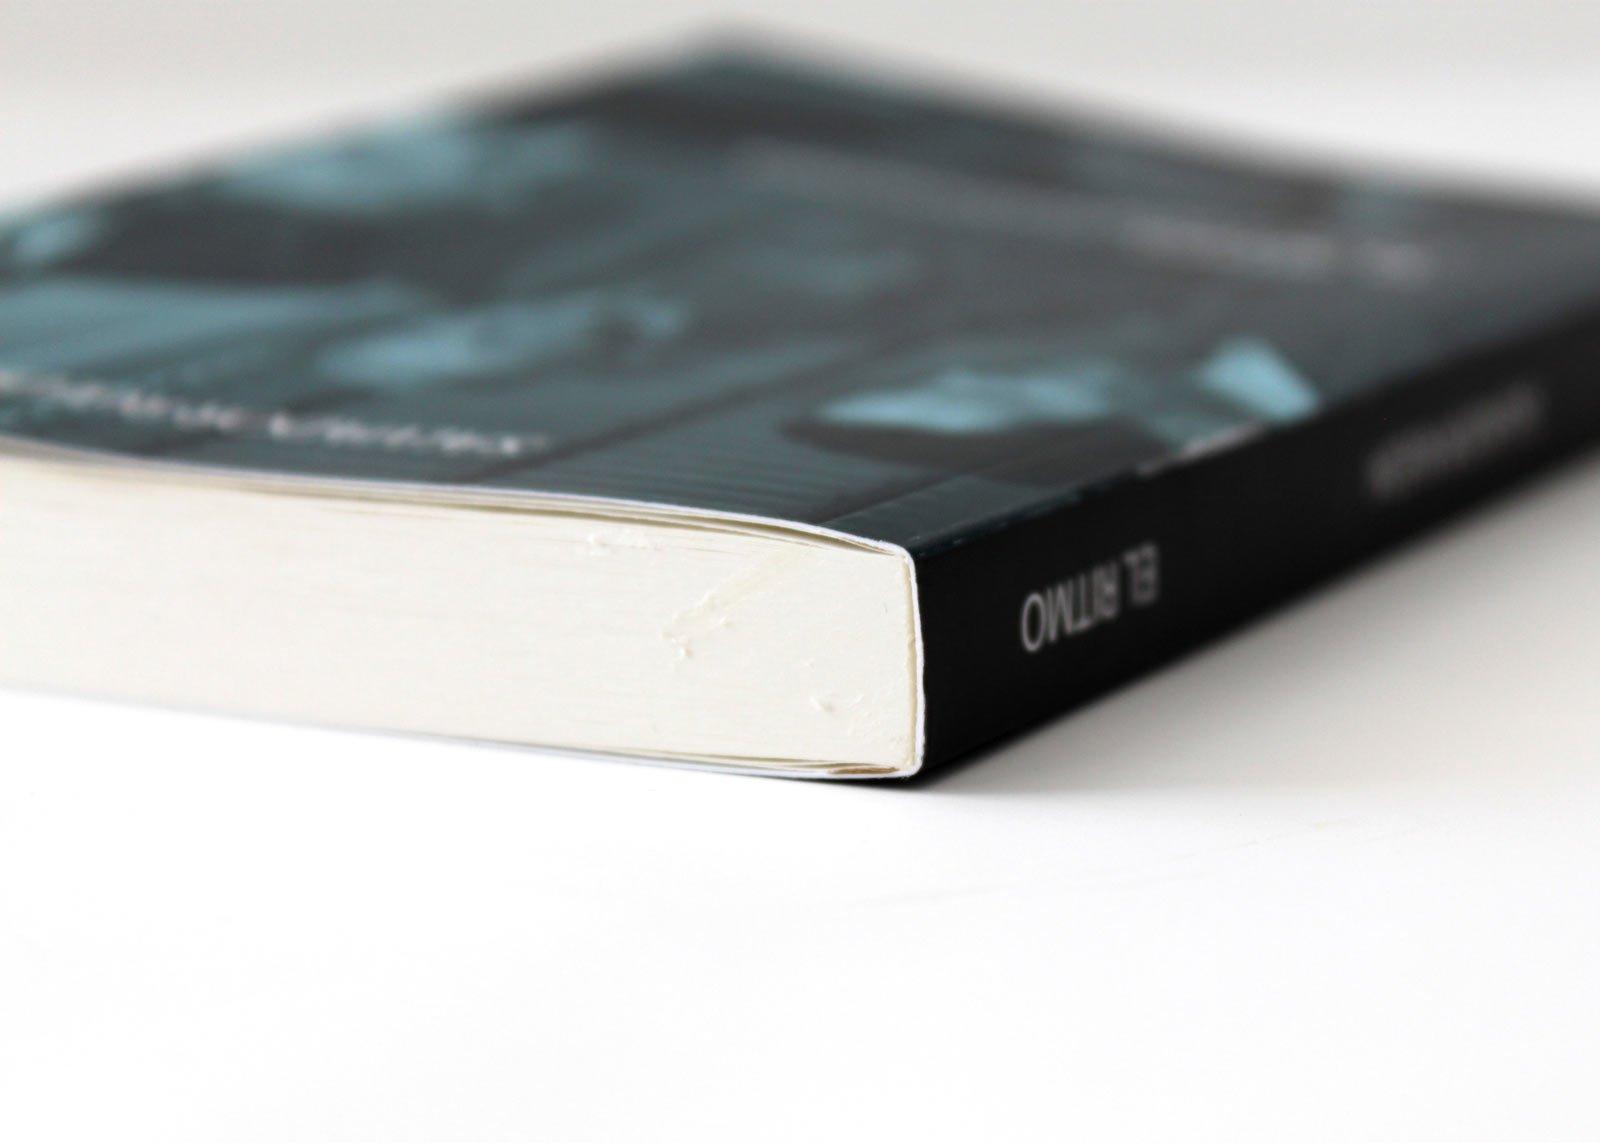 Impresión digital de libros, tapa blanda, encolado pur